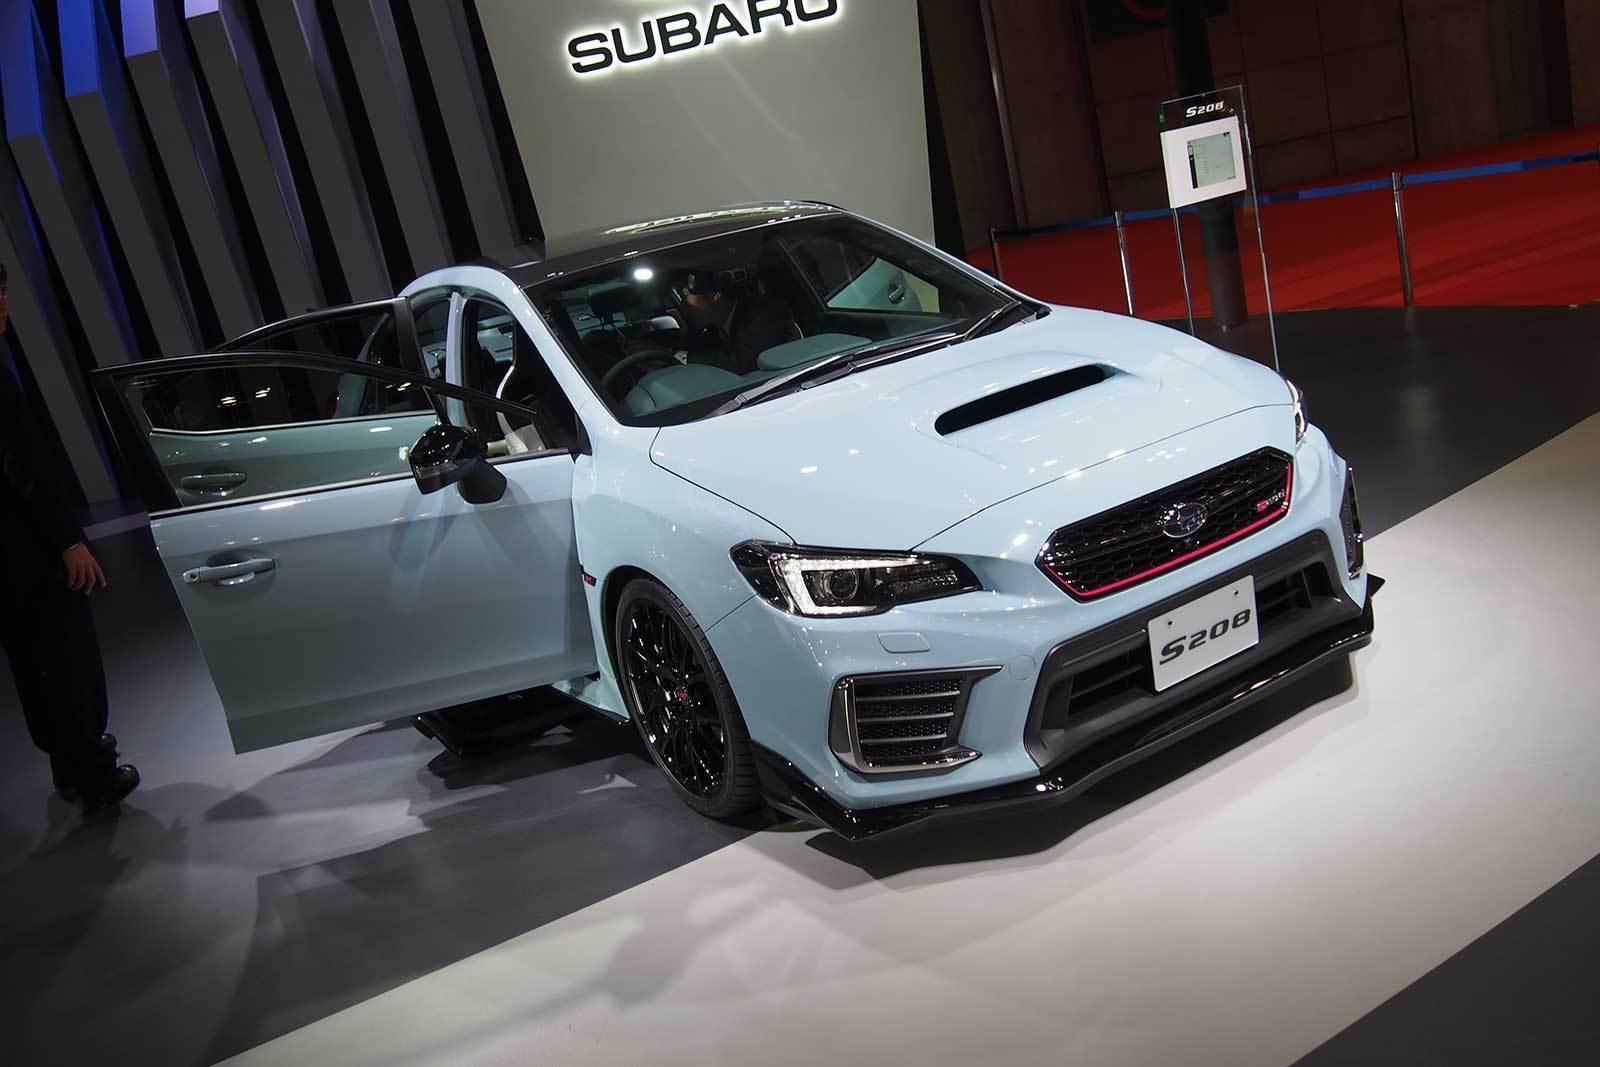 Subaru-WRX-STI-S208-06.jpg